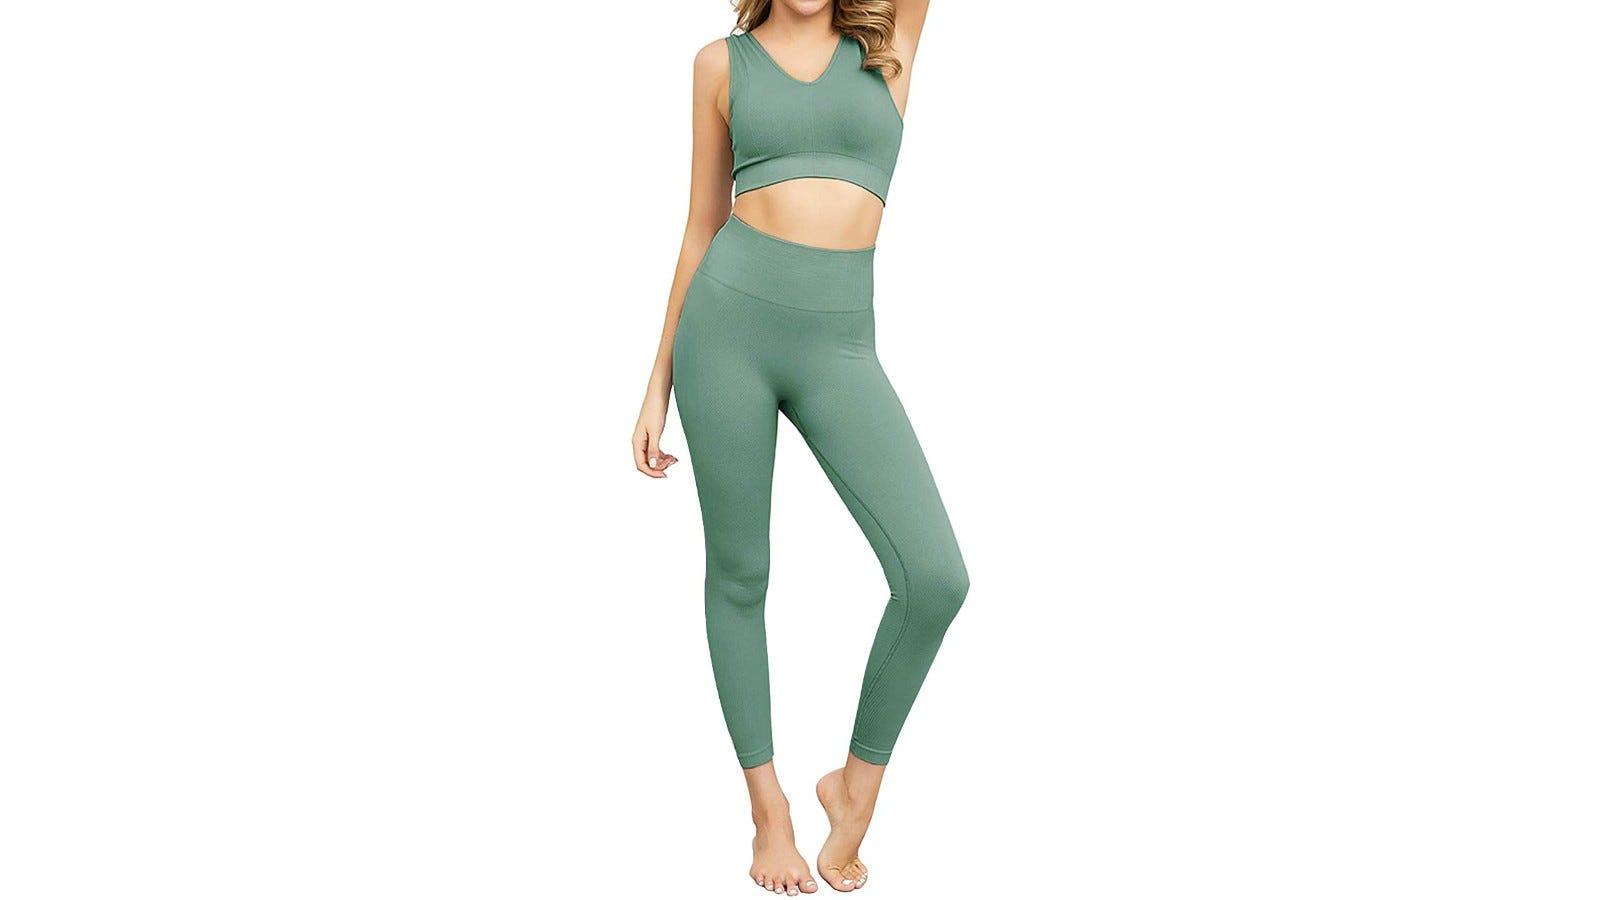 woman wearing green activewear set